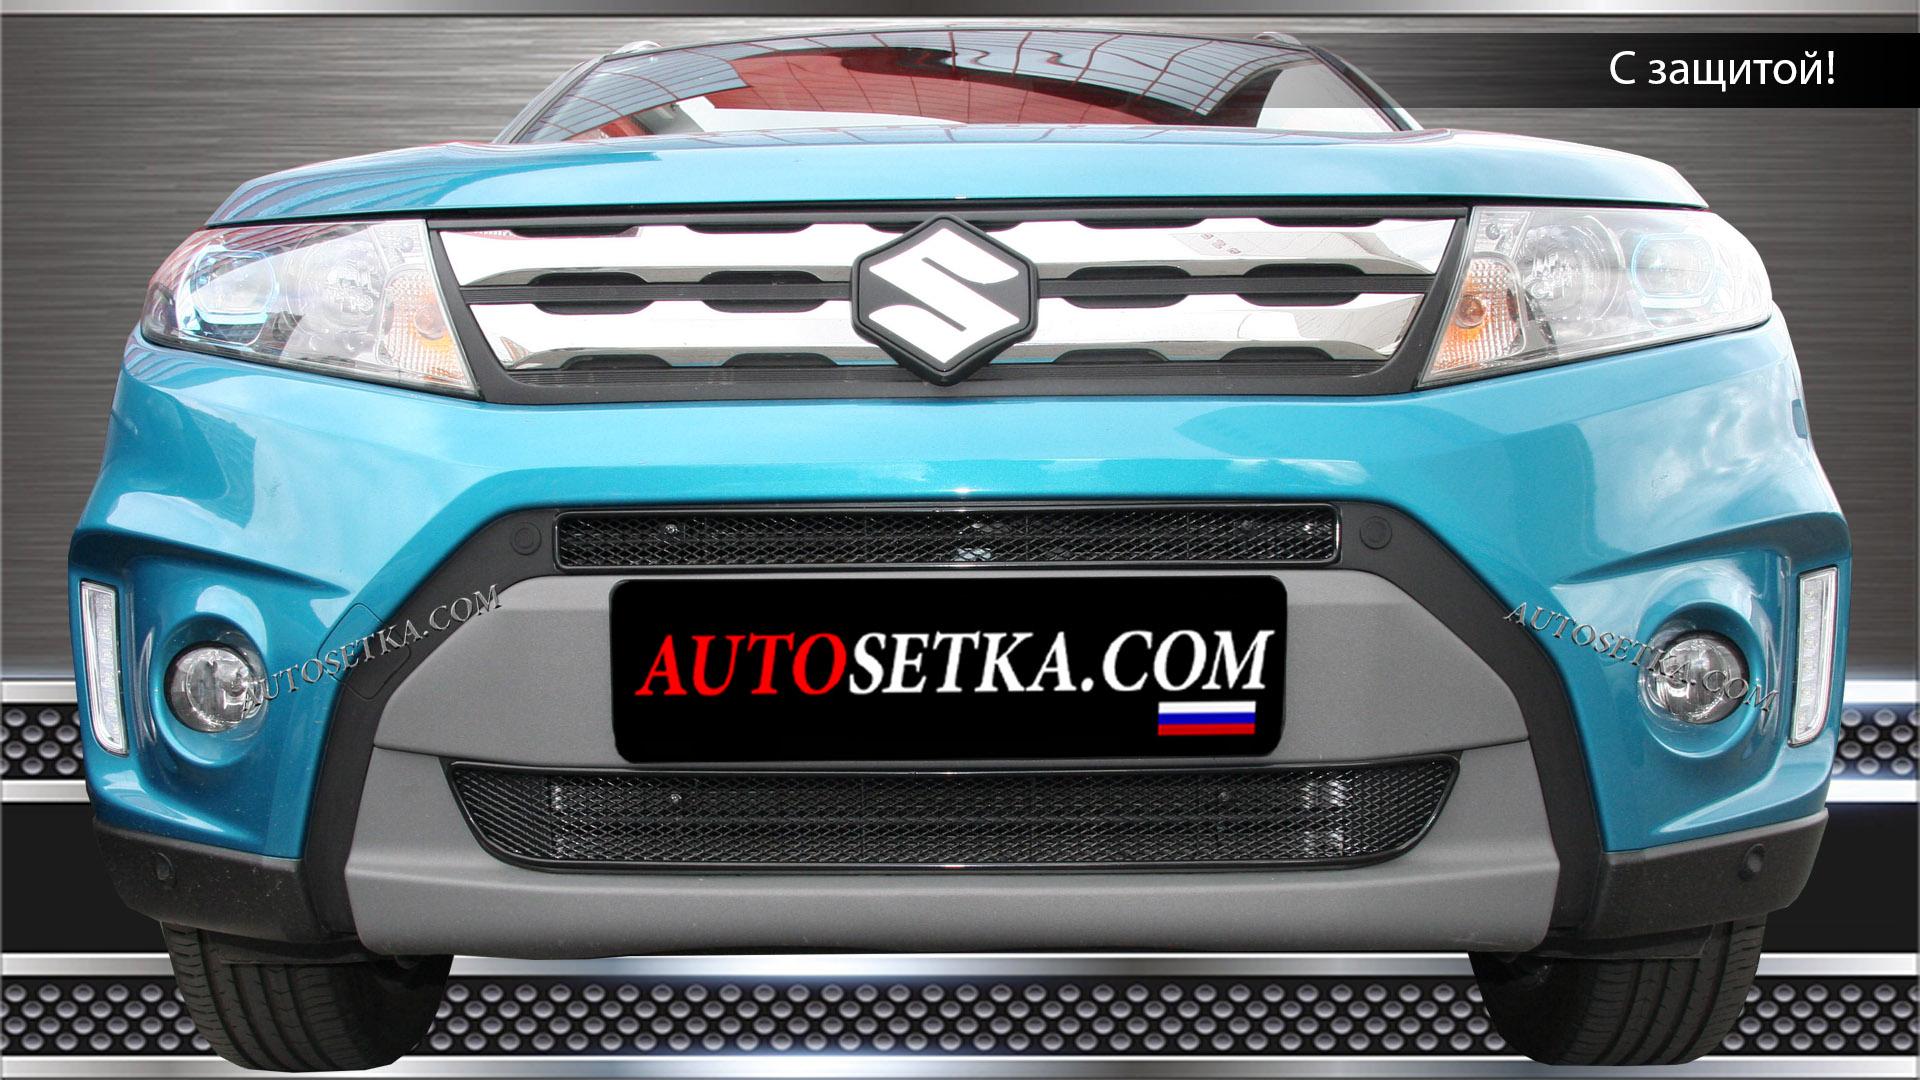 Suzuki Vitara 2015 без дек. накладки